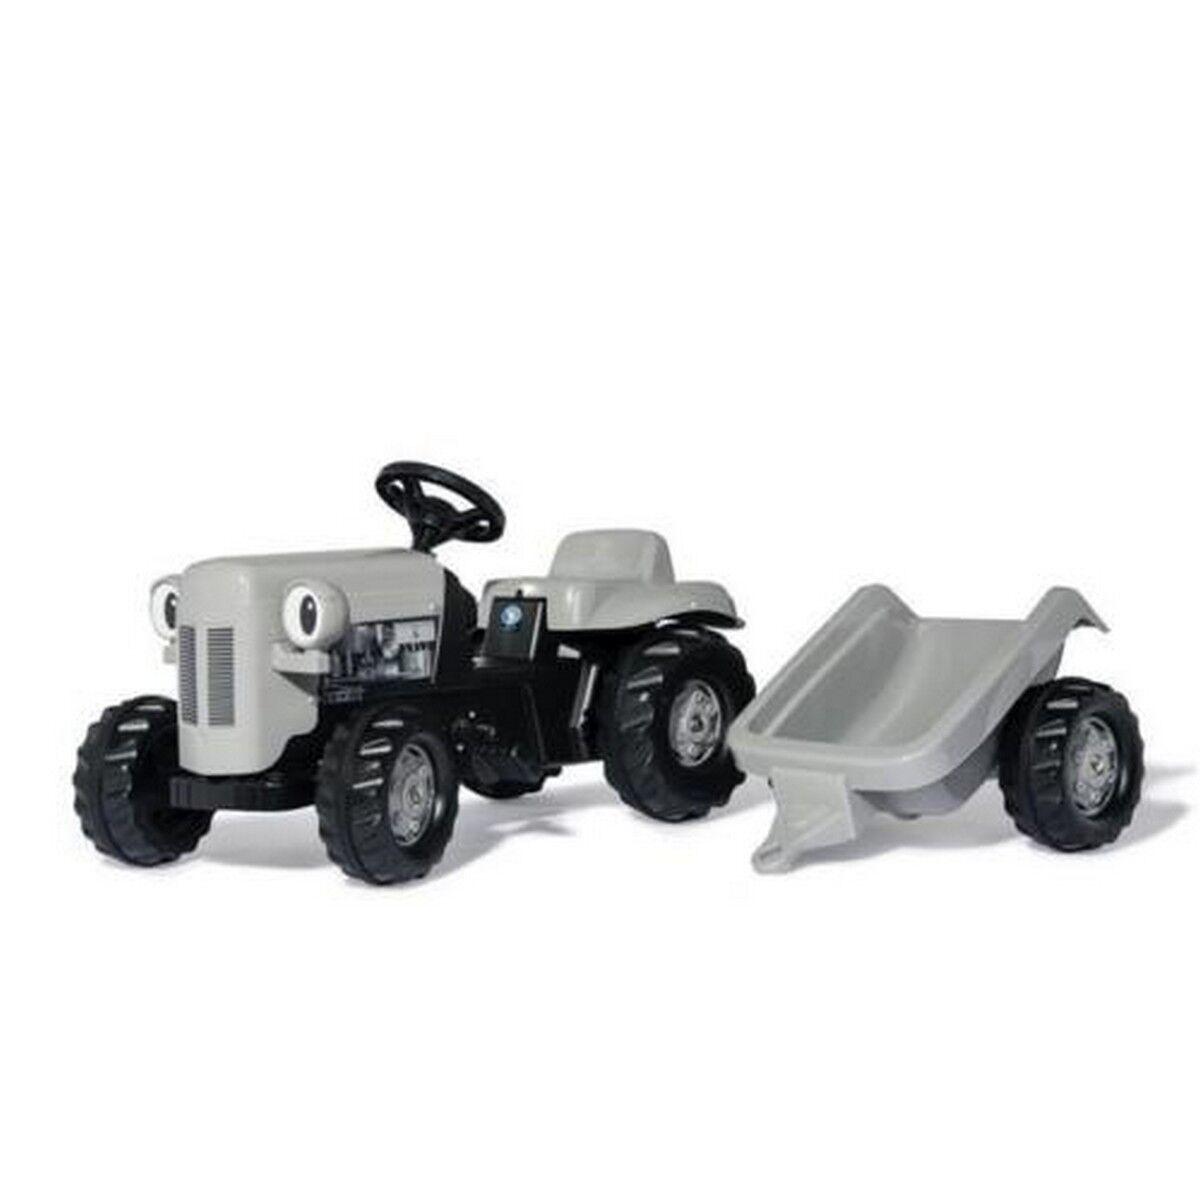 Rolly Toys Rolly Niño Pequeño Gris Fergie Y Remolque De Juguete Paseo En Tractor De Pedal